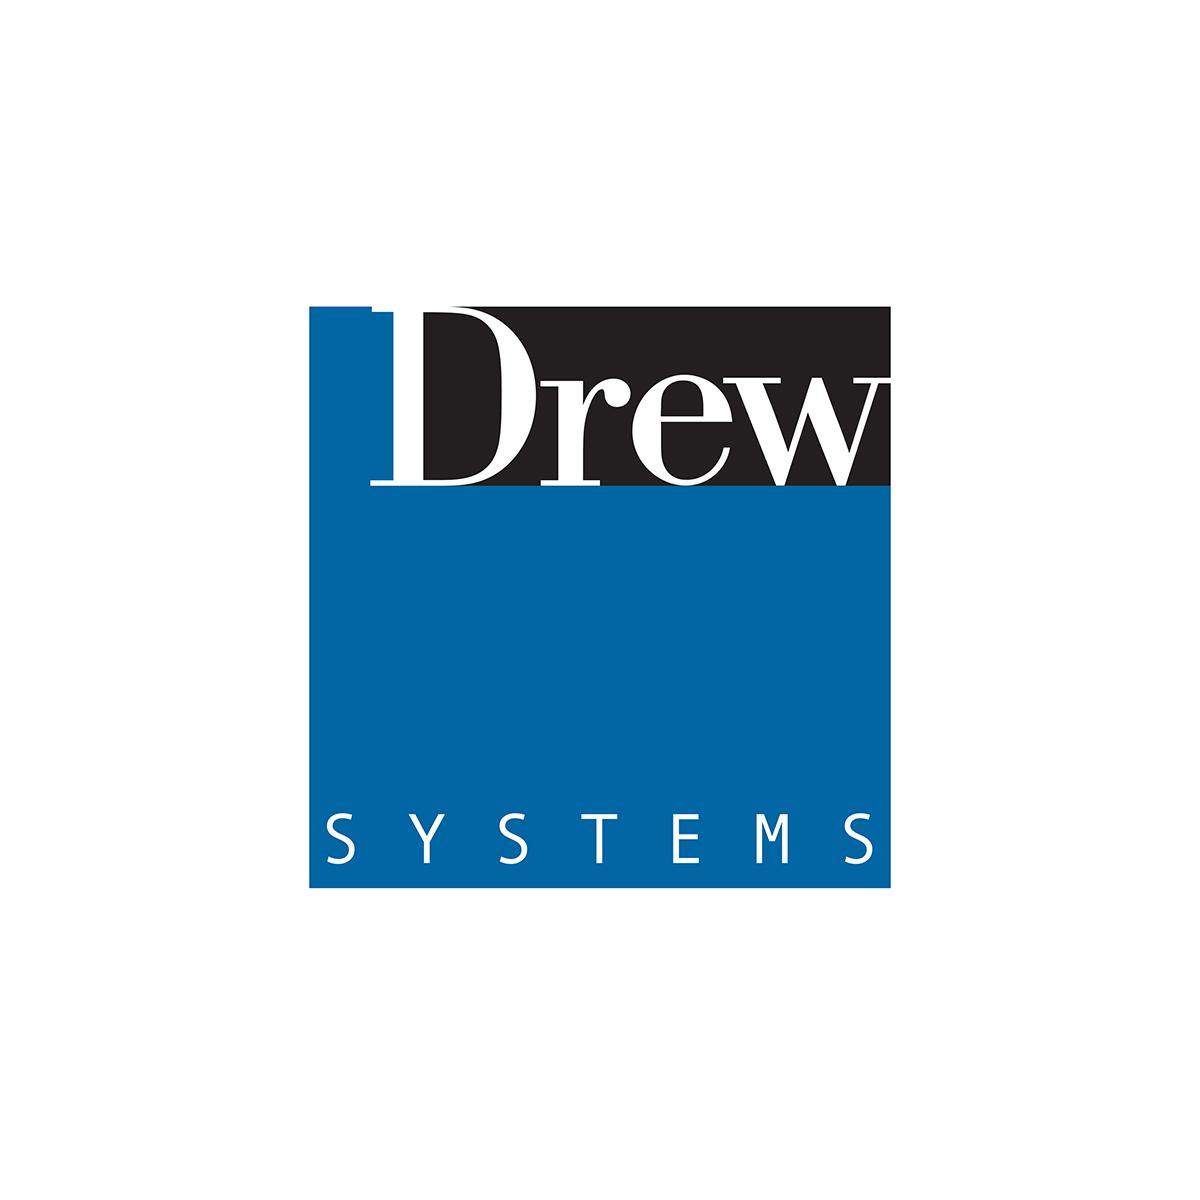 Drew Systems, Inc.